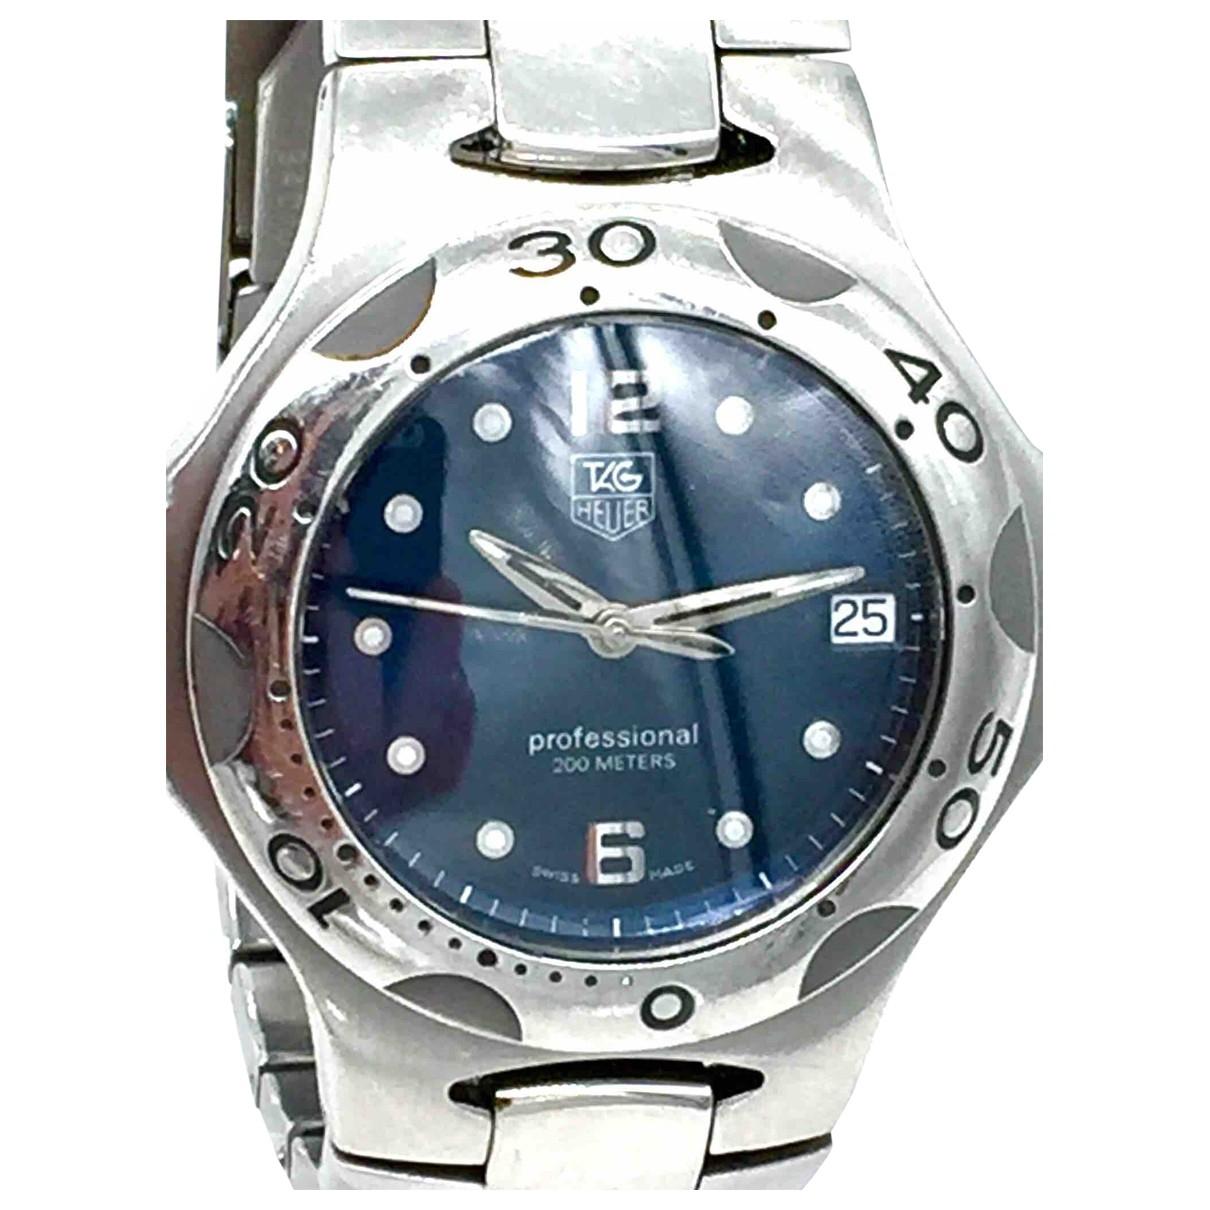 Tag Heuer \N Uhr in  Blau Stahl